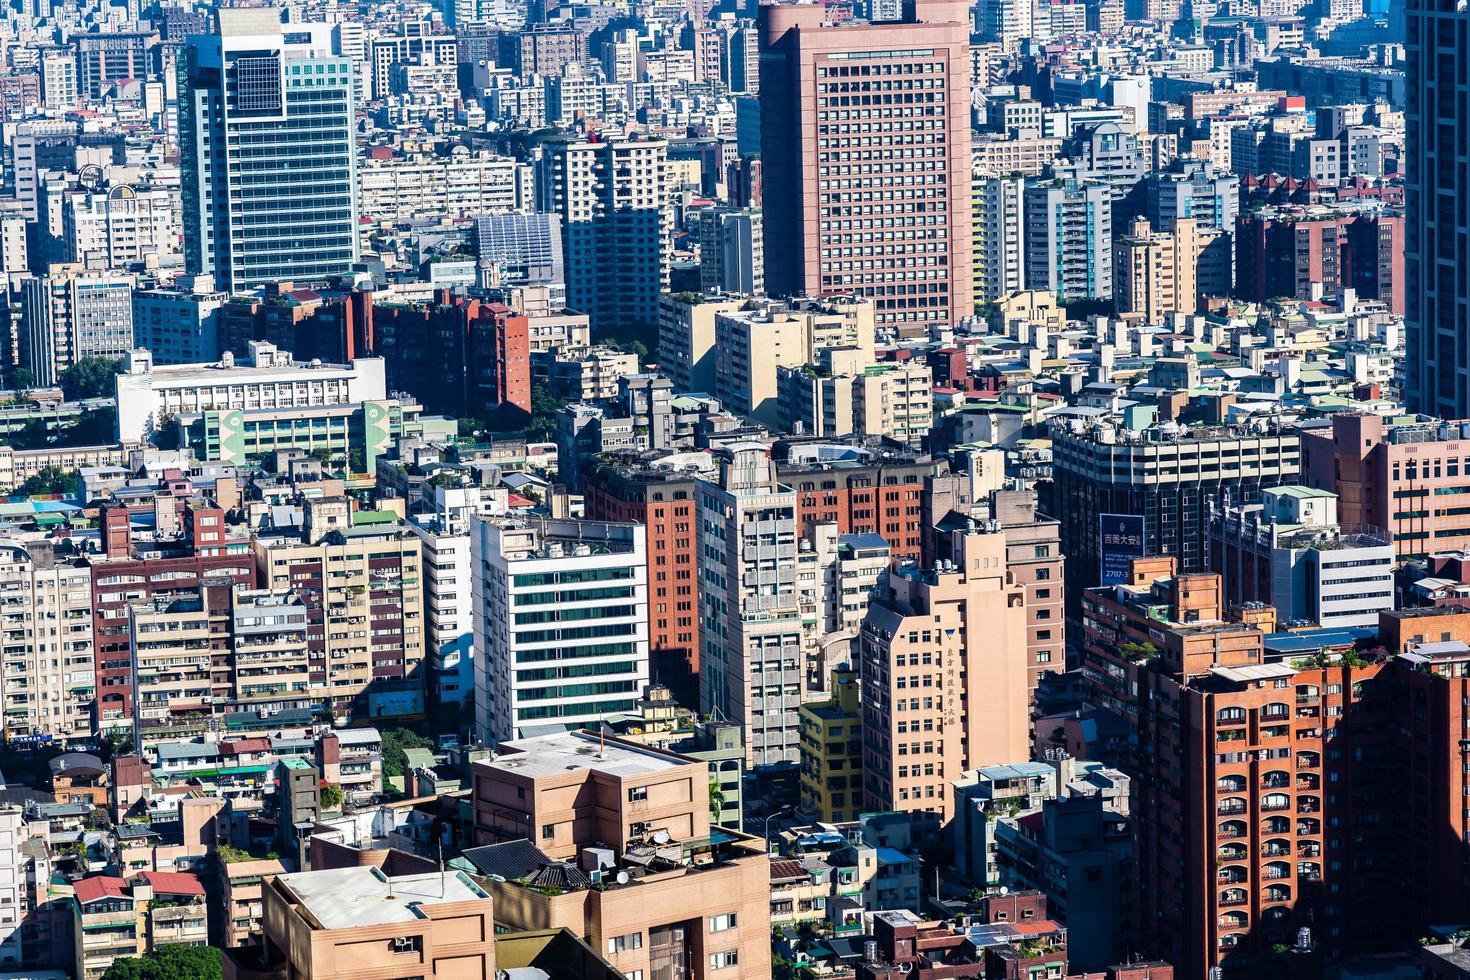 paisaje urbano de la ciudad de taipei en taiwán foto